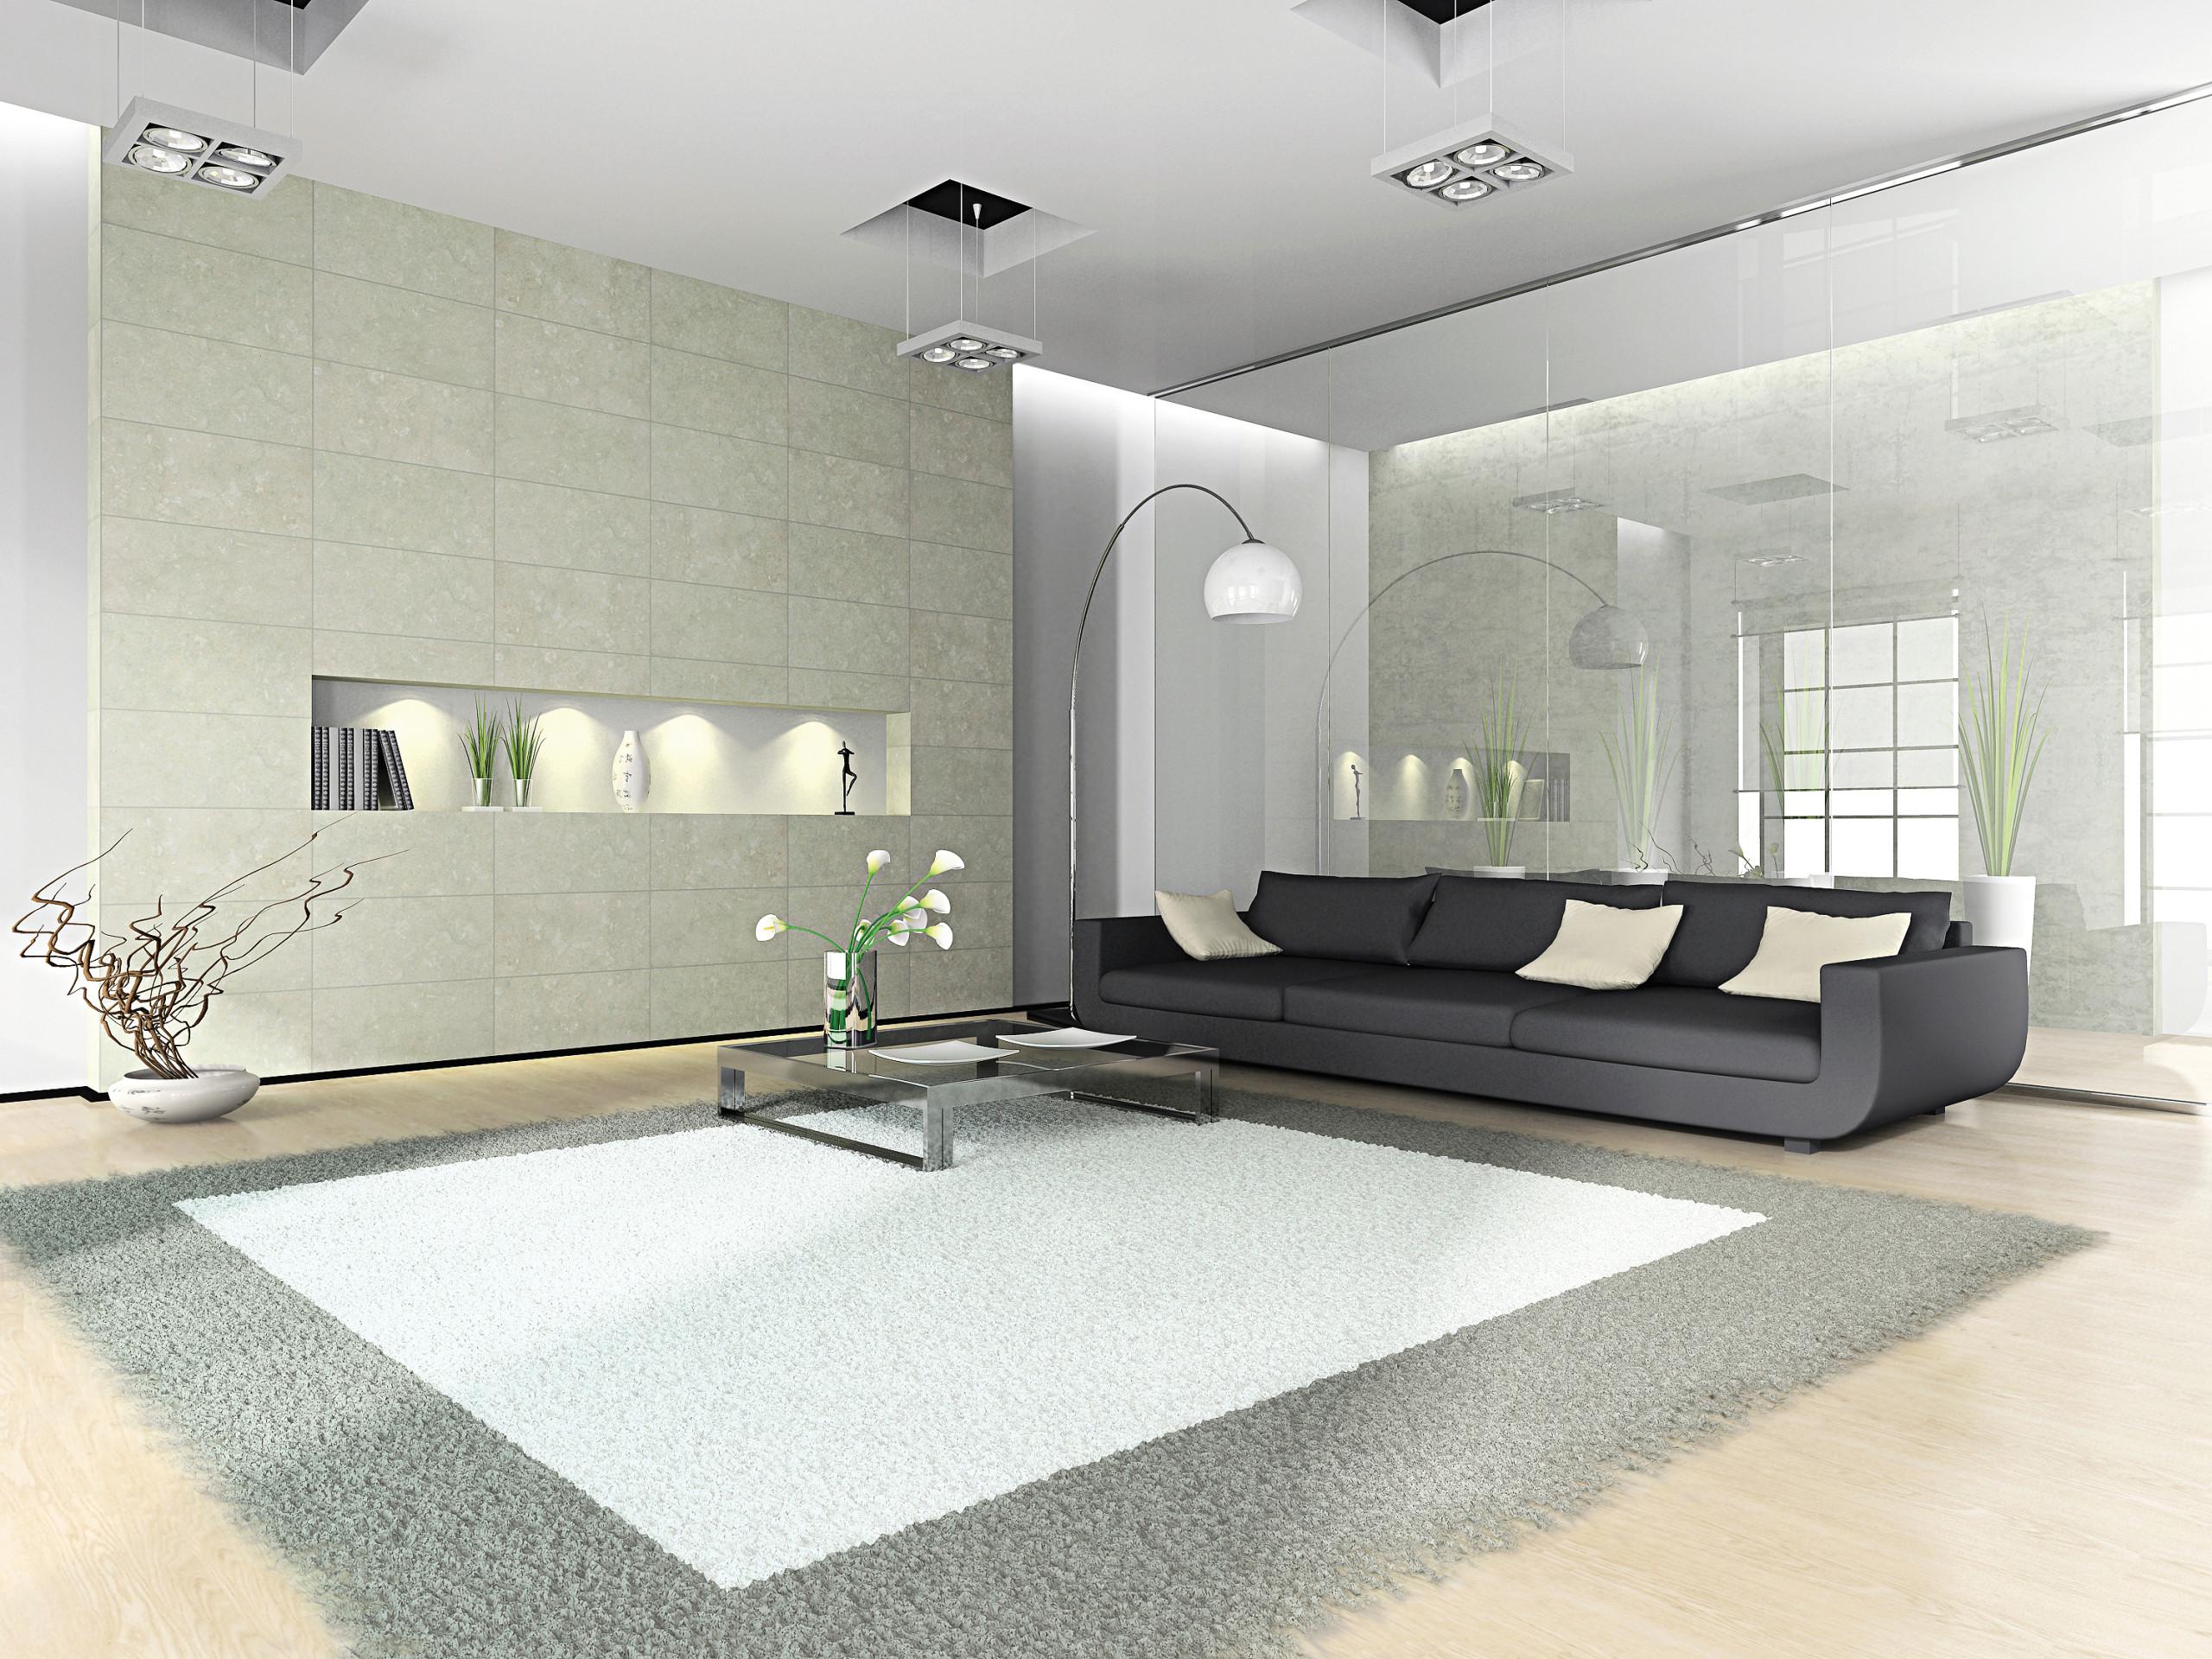 12x24 Marble Tile Living Room Ideas Photos Houzz